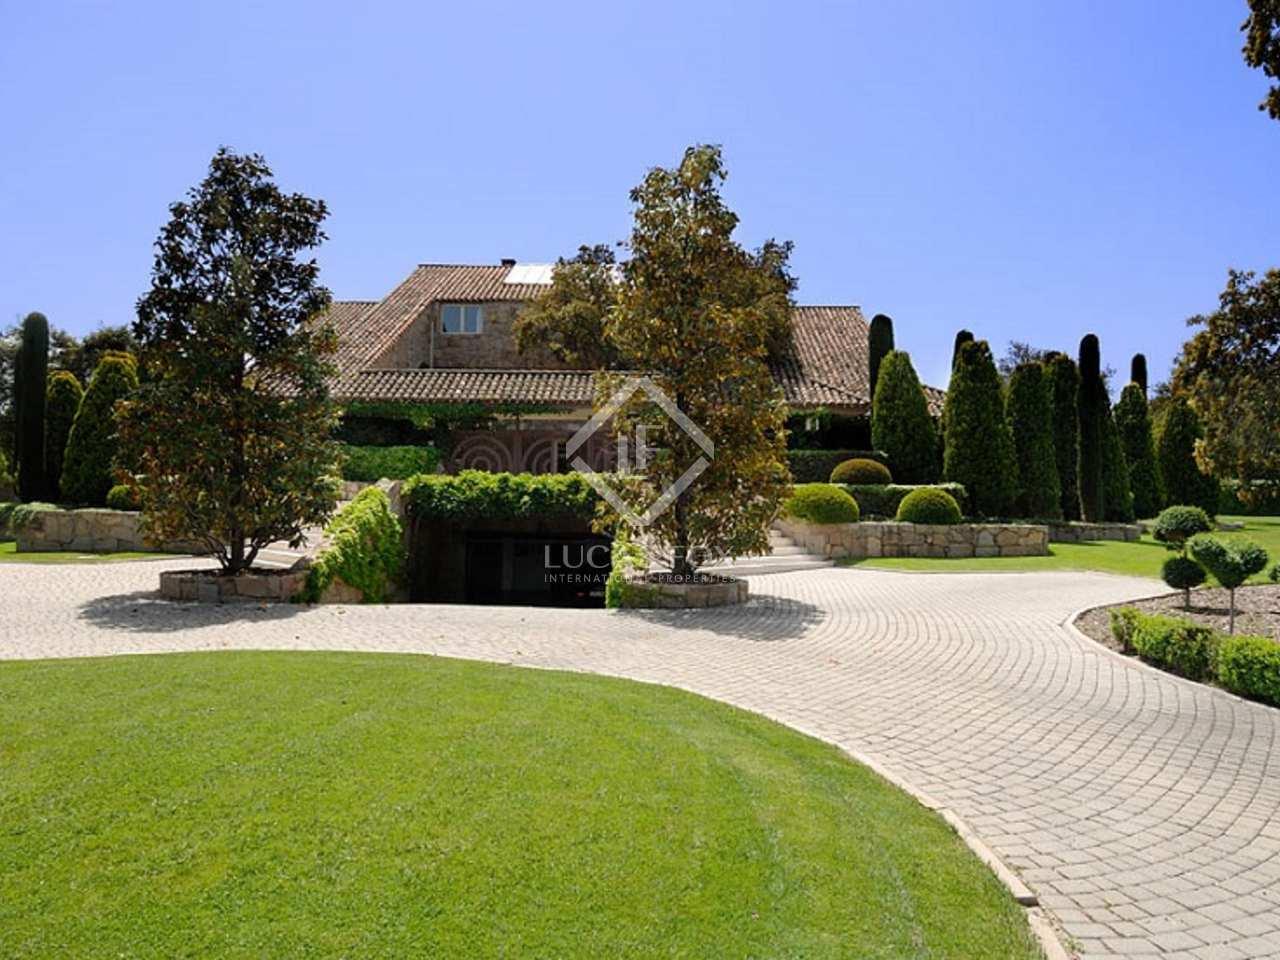 Casa de lujo en venta en la moraleja madrid espa a Villa jardin donde queda